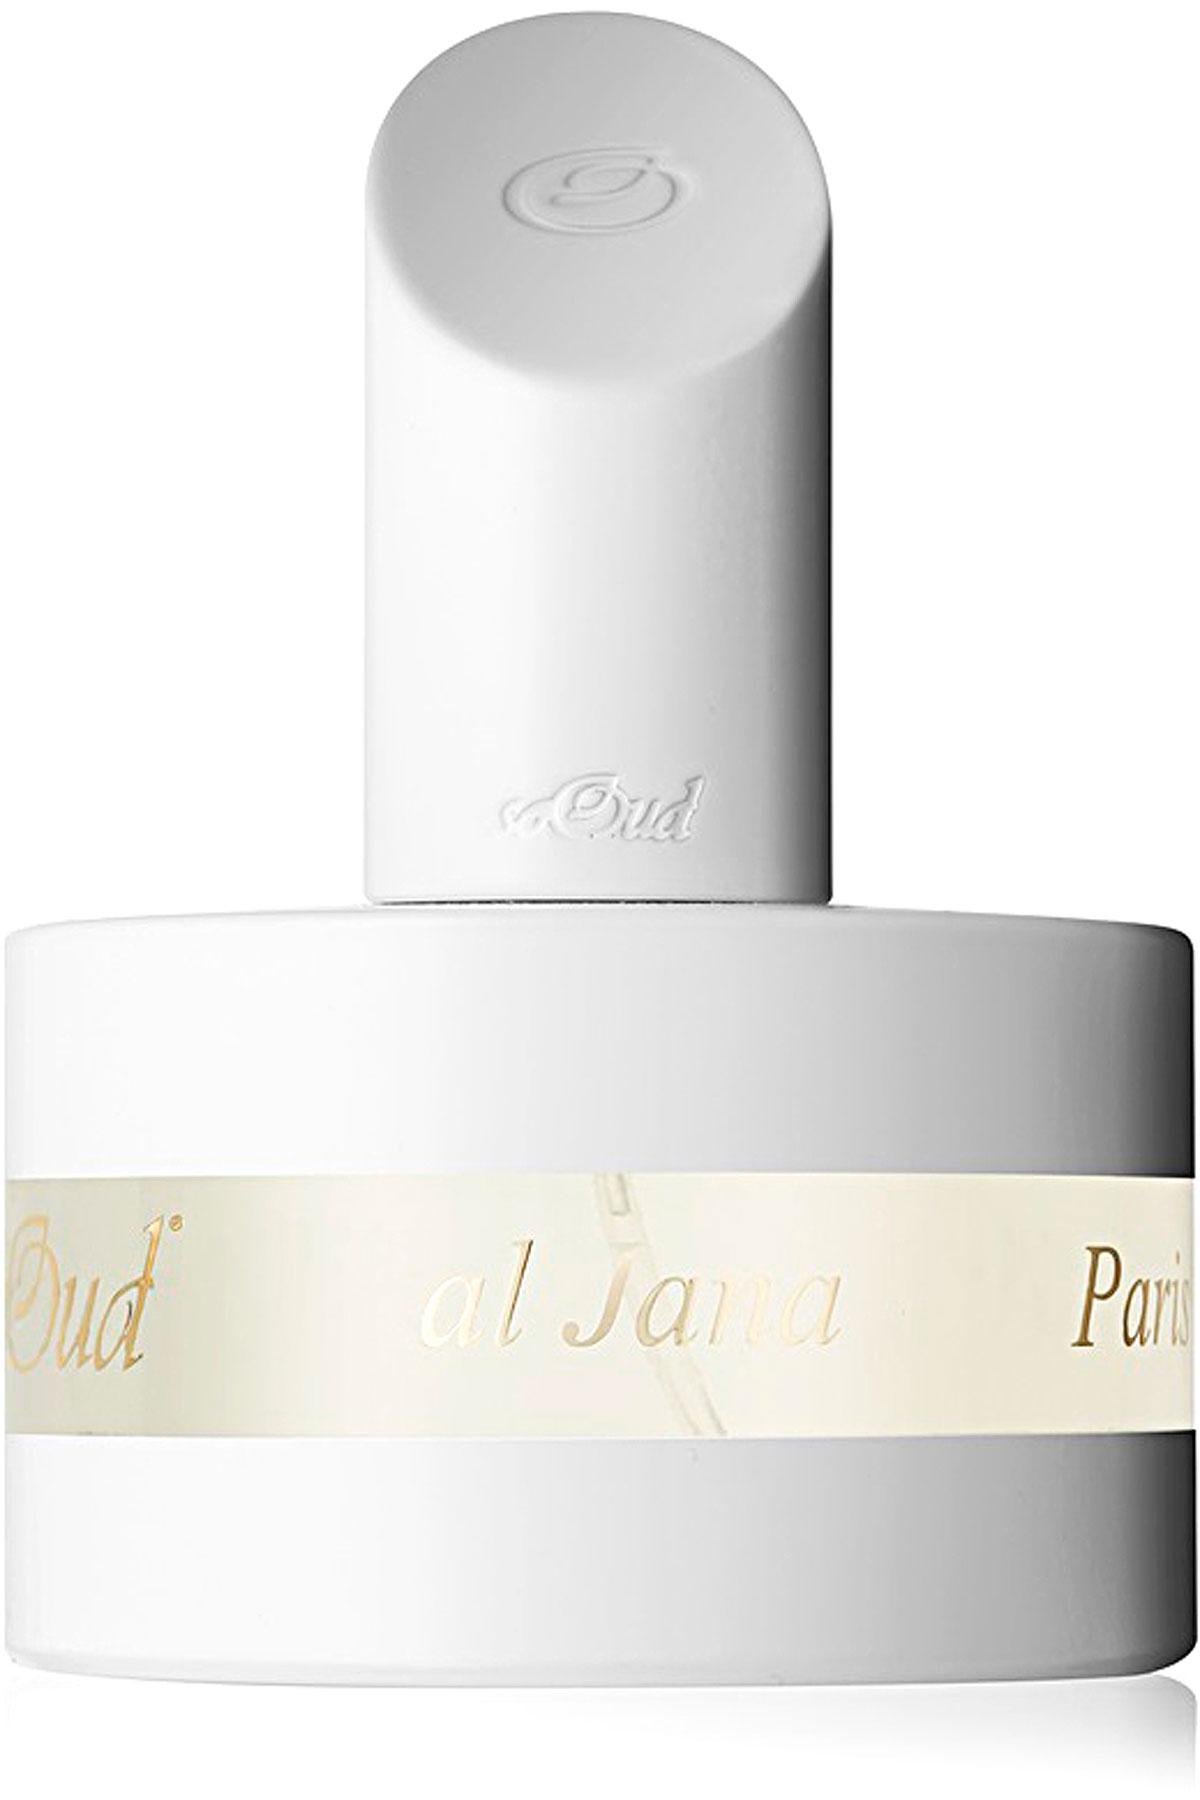 SoOud Fragrances for Women, Al Jana - Eau Fine - 60 Ml, 2019, 60 ml